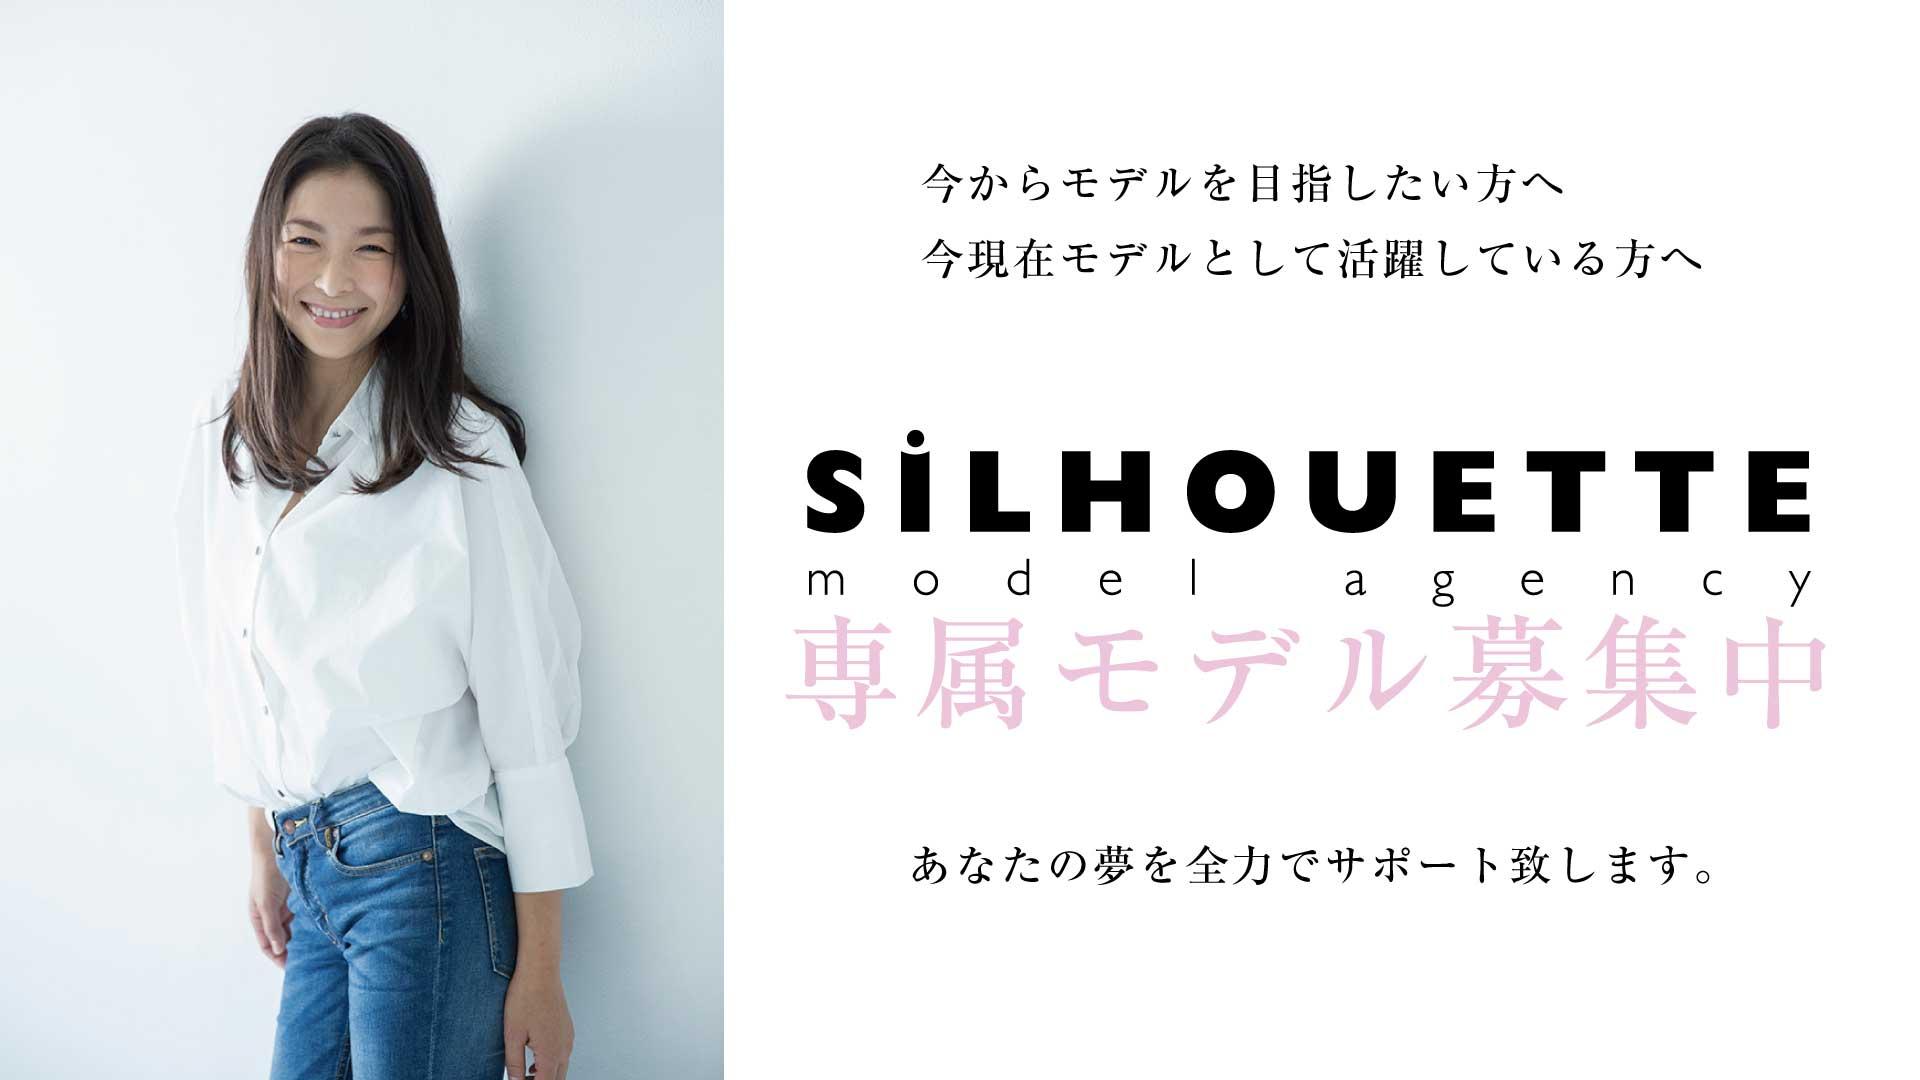 モデルオーディション | シルエットモデルエージェンシー - 関西(大阪・神戸・京都)のモデル事務所